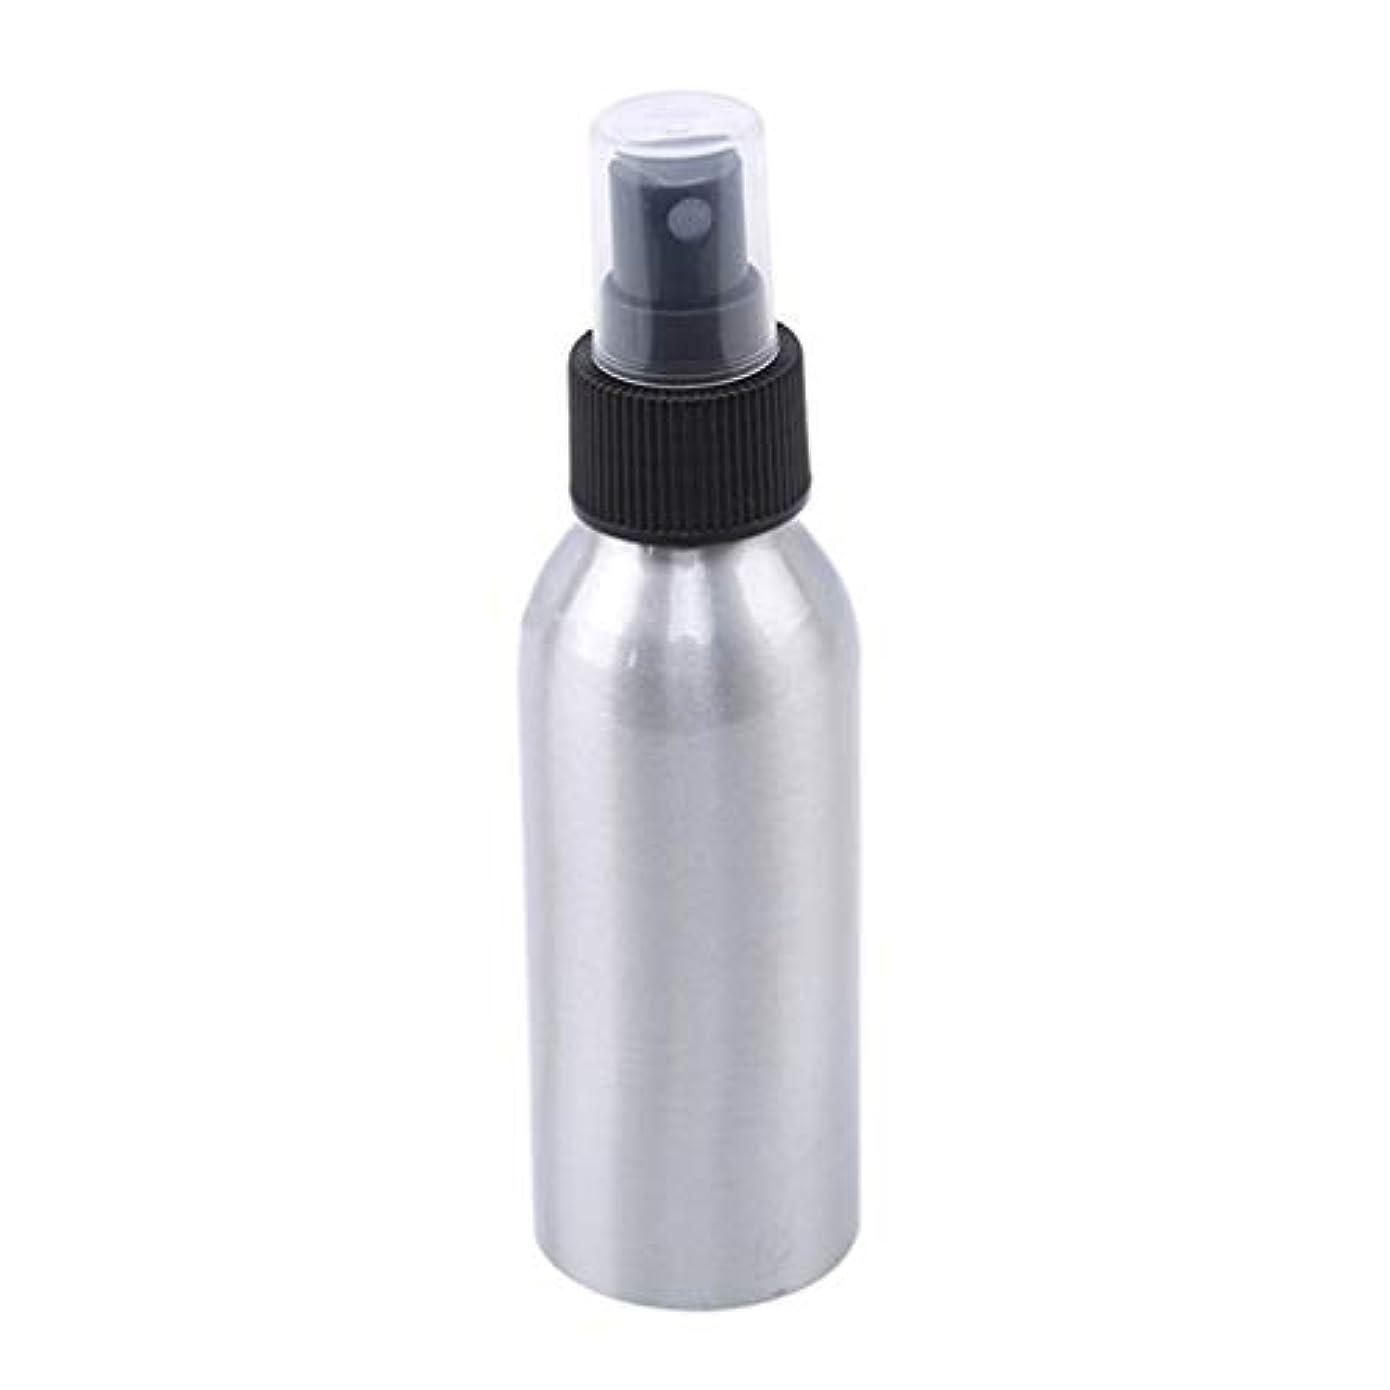 欲望ガロン放射するLJSLYJ 100ml詰め替え式の瓶の大広間の美容院のスプレーヤーの構造用具